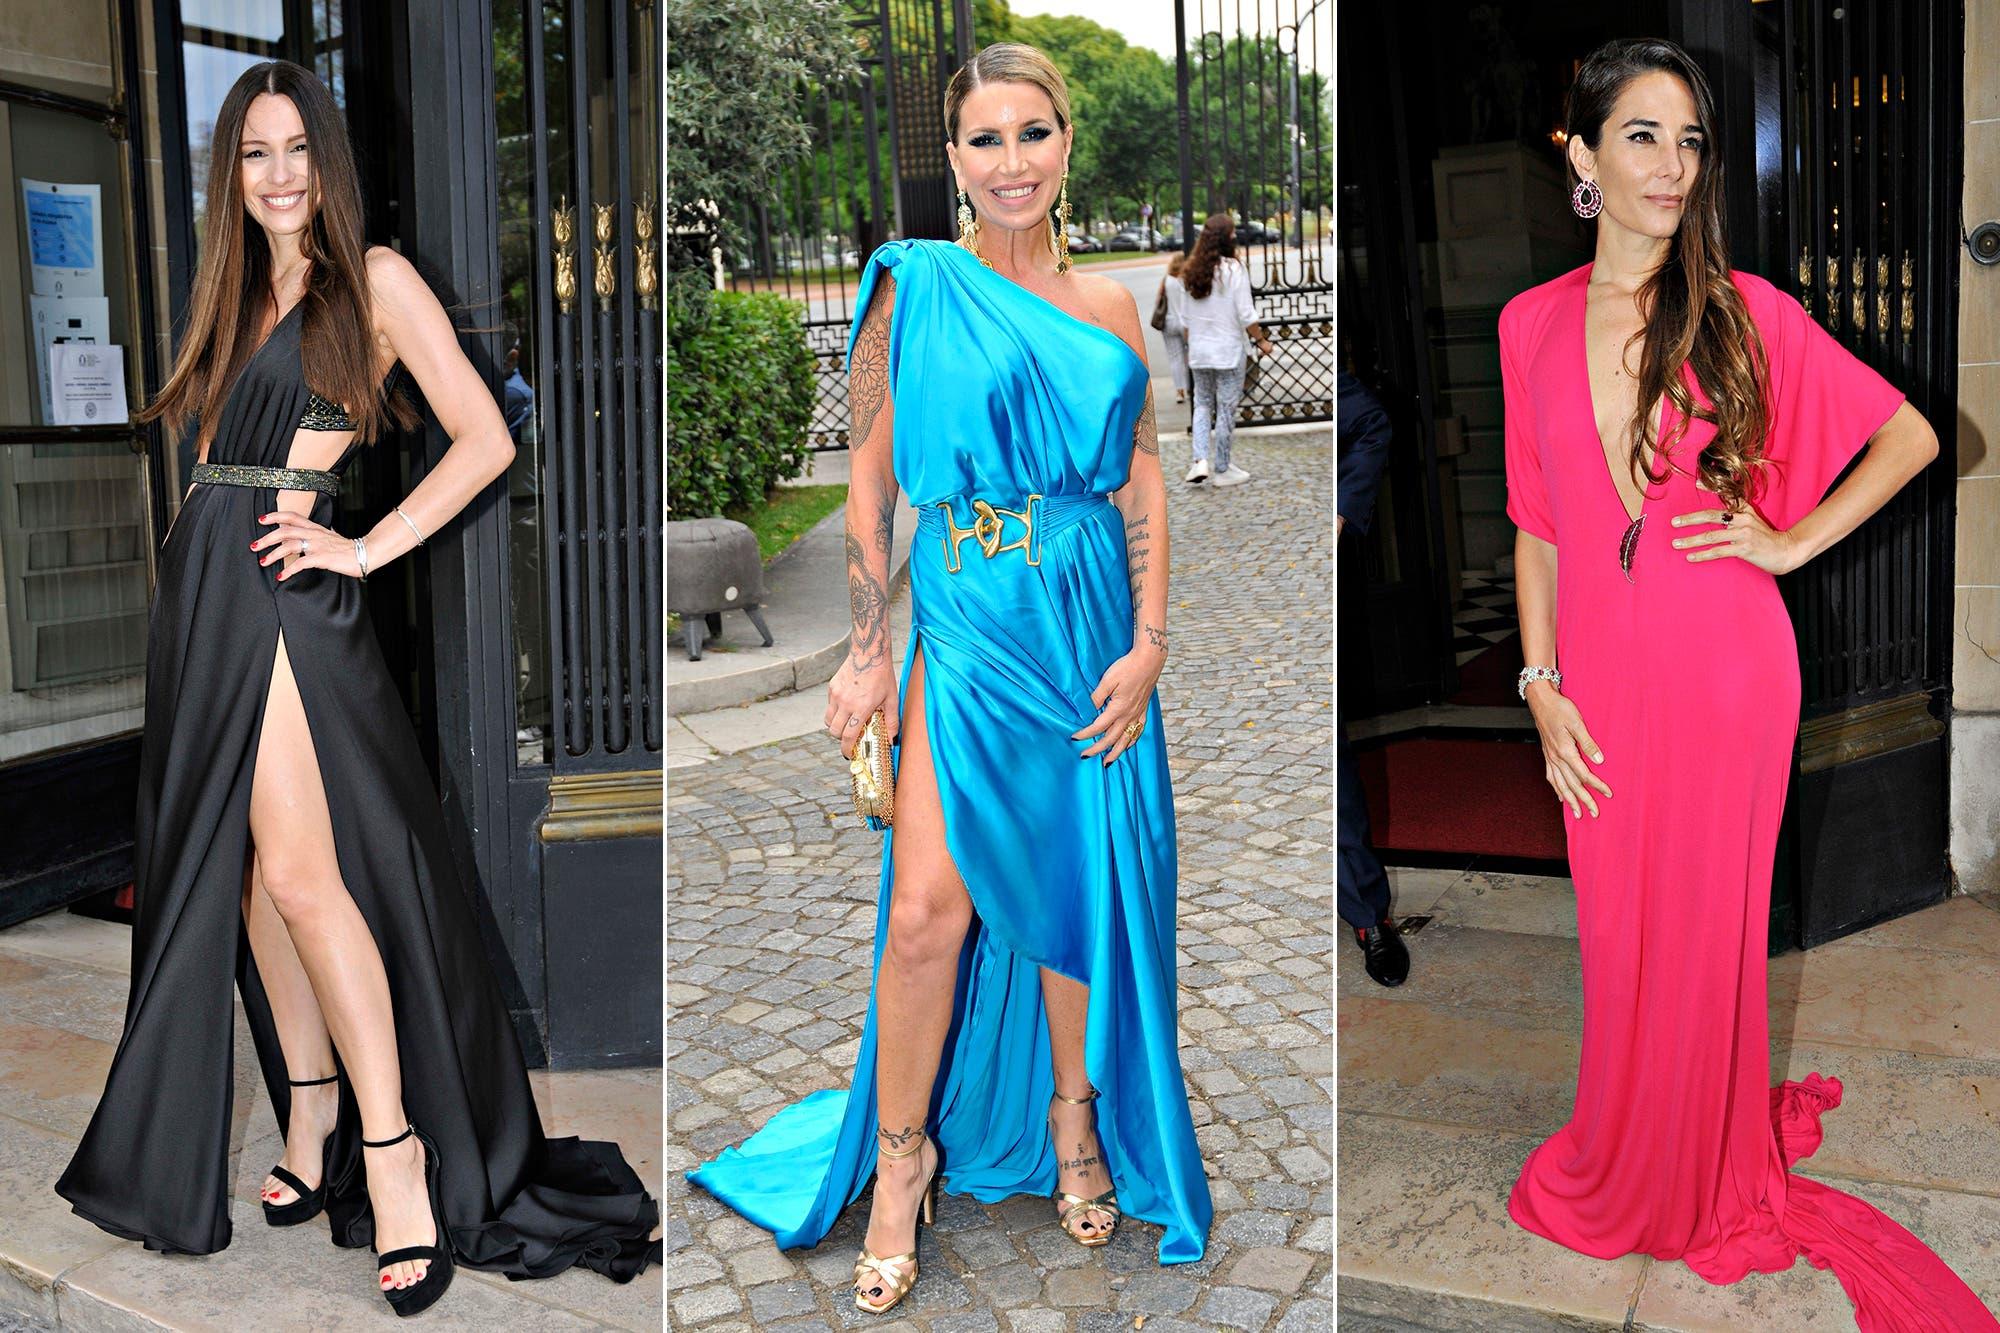 Pampita Ardohain, Flor Peña, Juana Viale y Nicole Neumann, en una tarde con mucho glamour